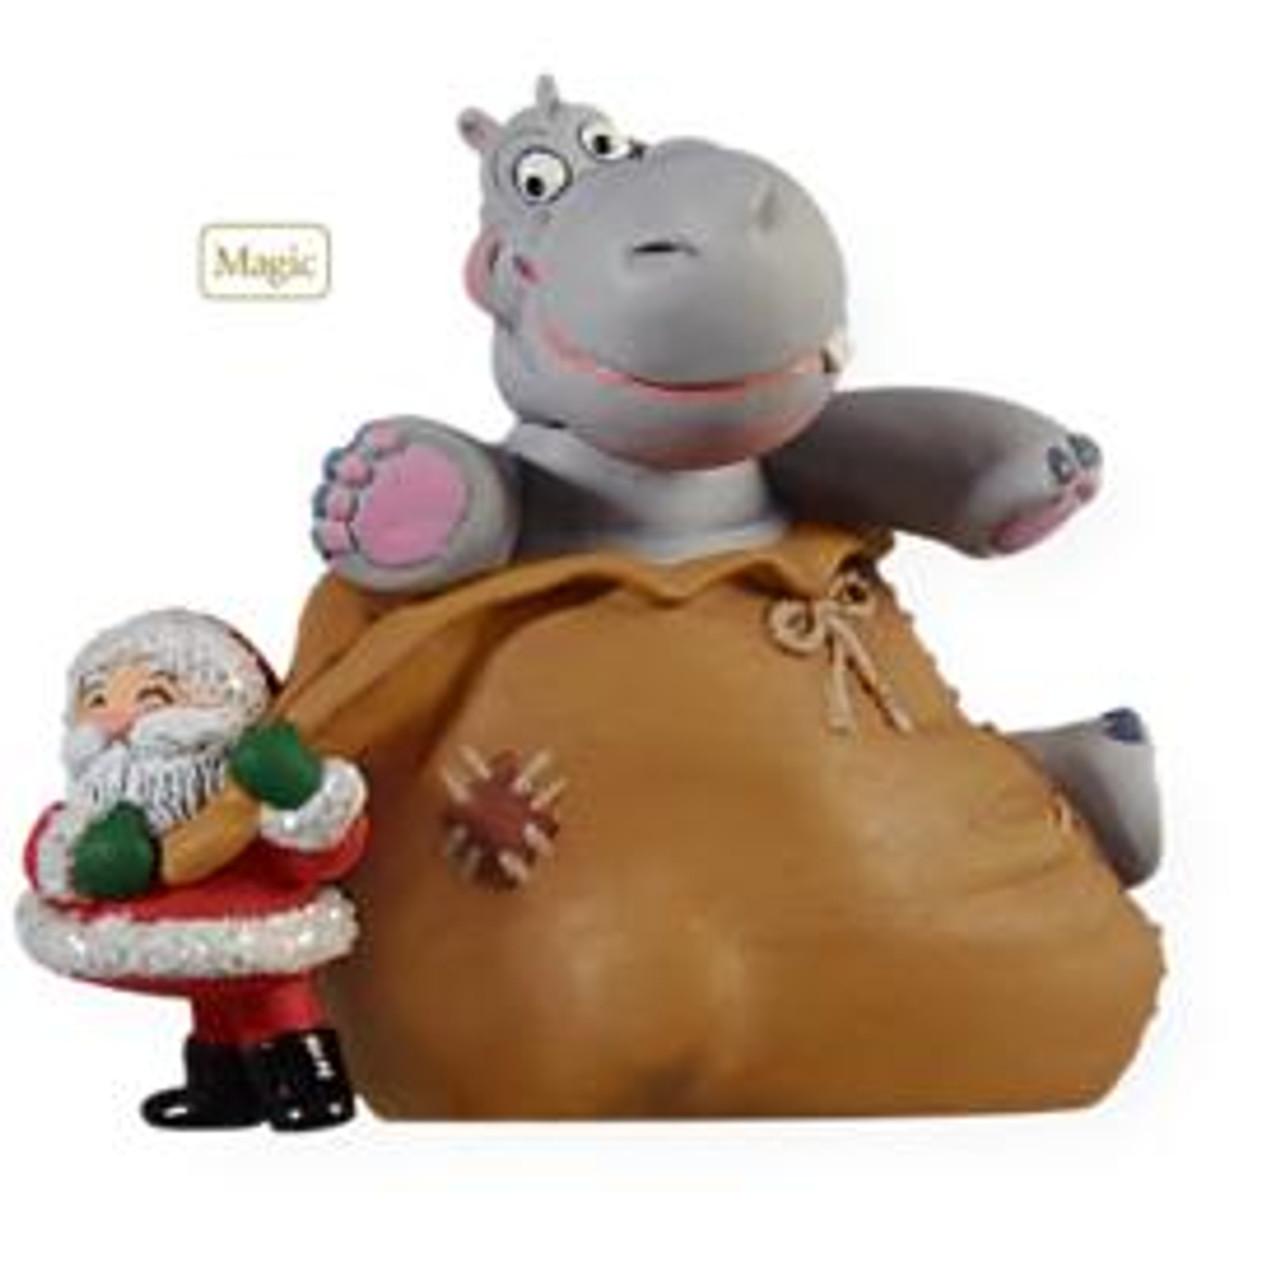 Hippo For Christmas.2009 Hippo For Christmas Sound